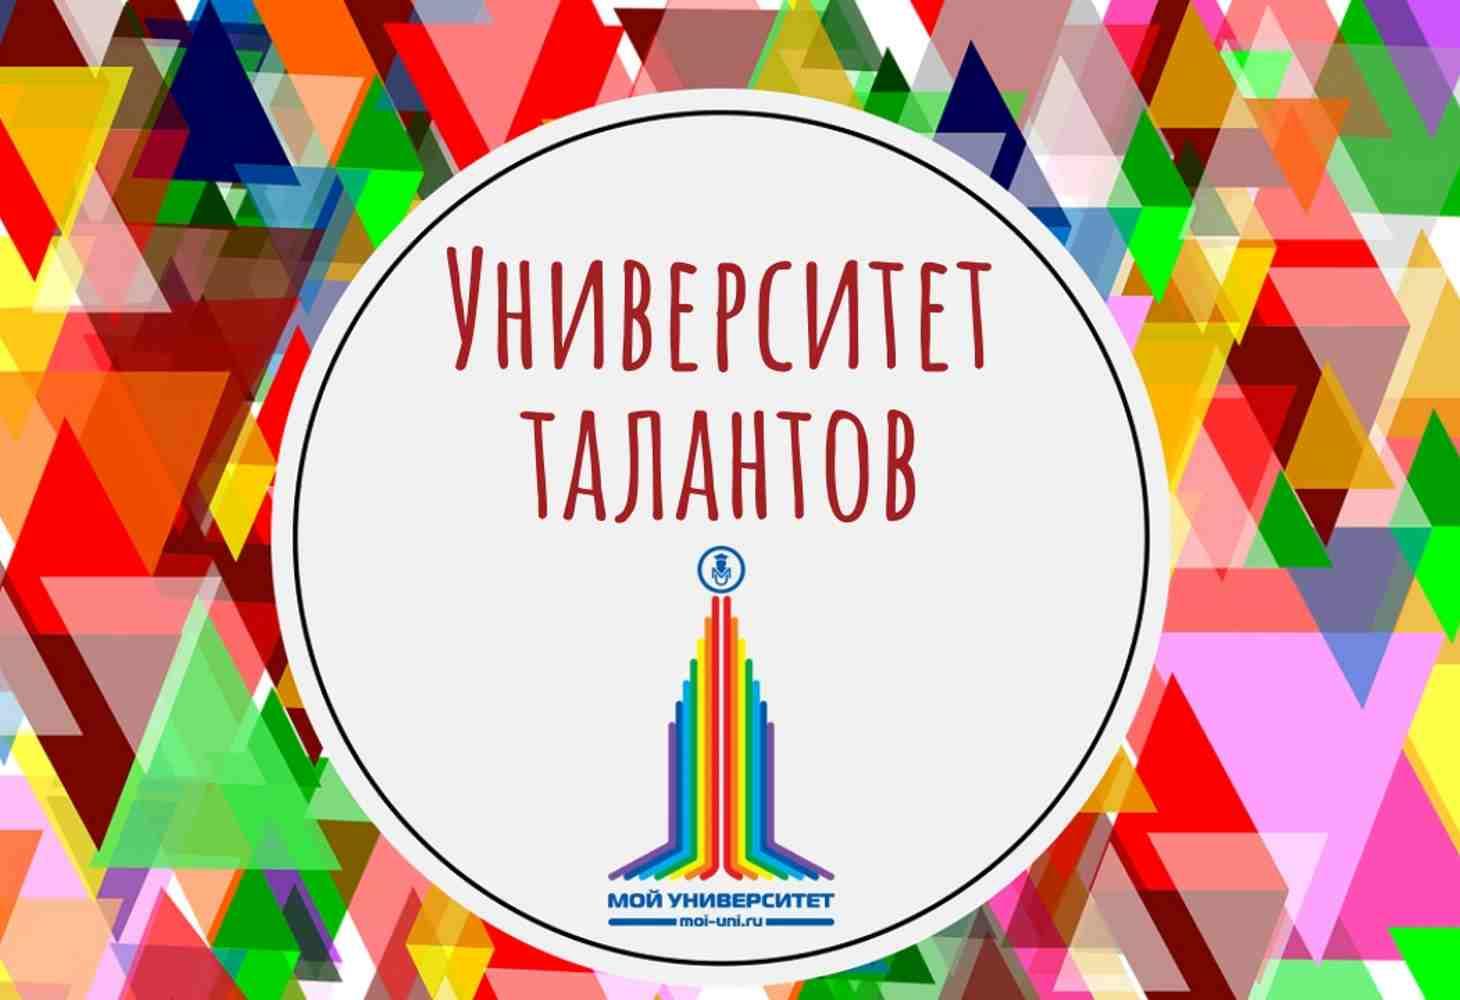 v-rossii-startoval-konkurs-dlya-tvorcheskih-lyudej-universitet-talantov